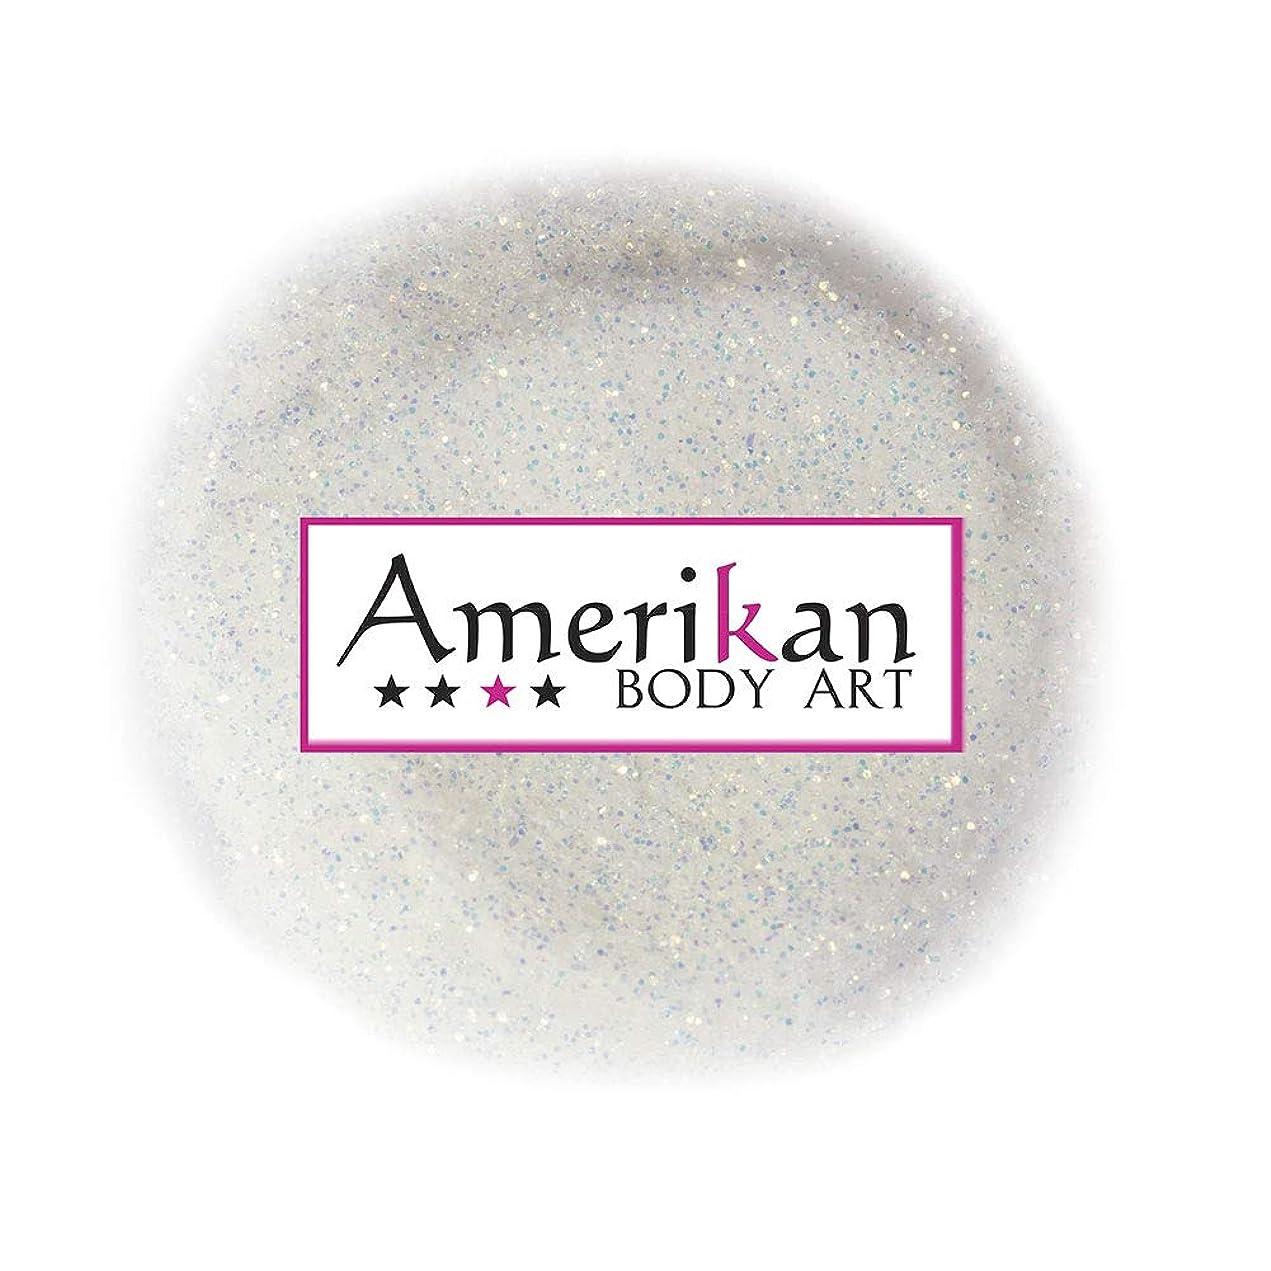 革命財政最後のAmerikan Body Artバイオコンポストチャンキーグリッター - ファイアーオパール(0.008